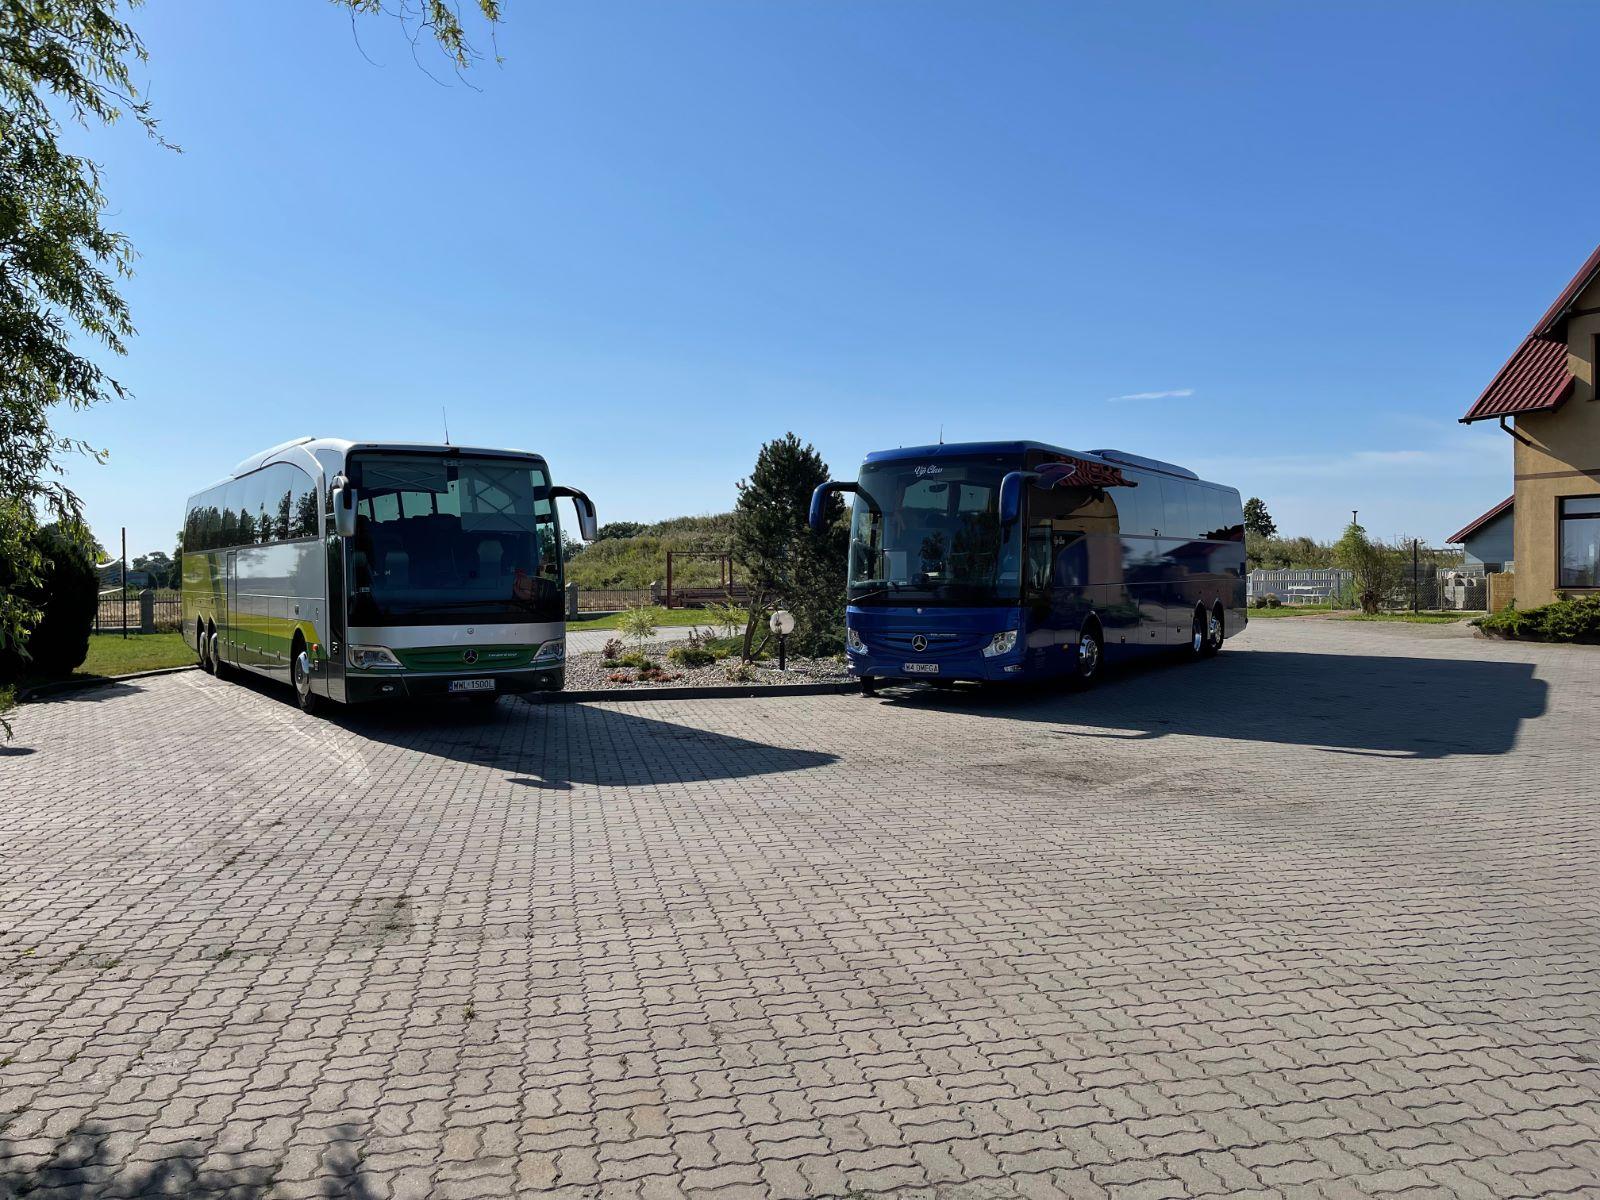 Dwa autokary tyrystyczne na parkingu oczekujące na grupę seniorów nad morzem